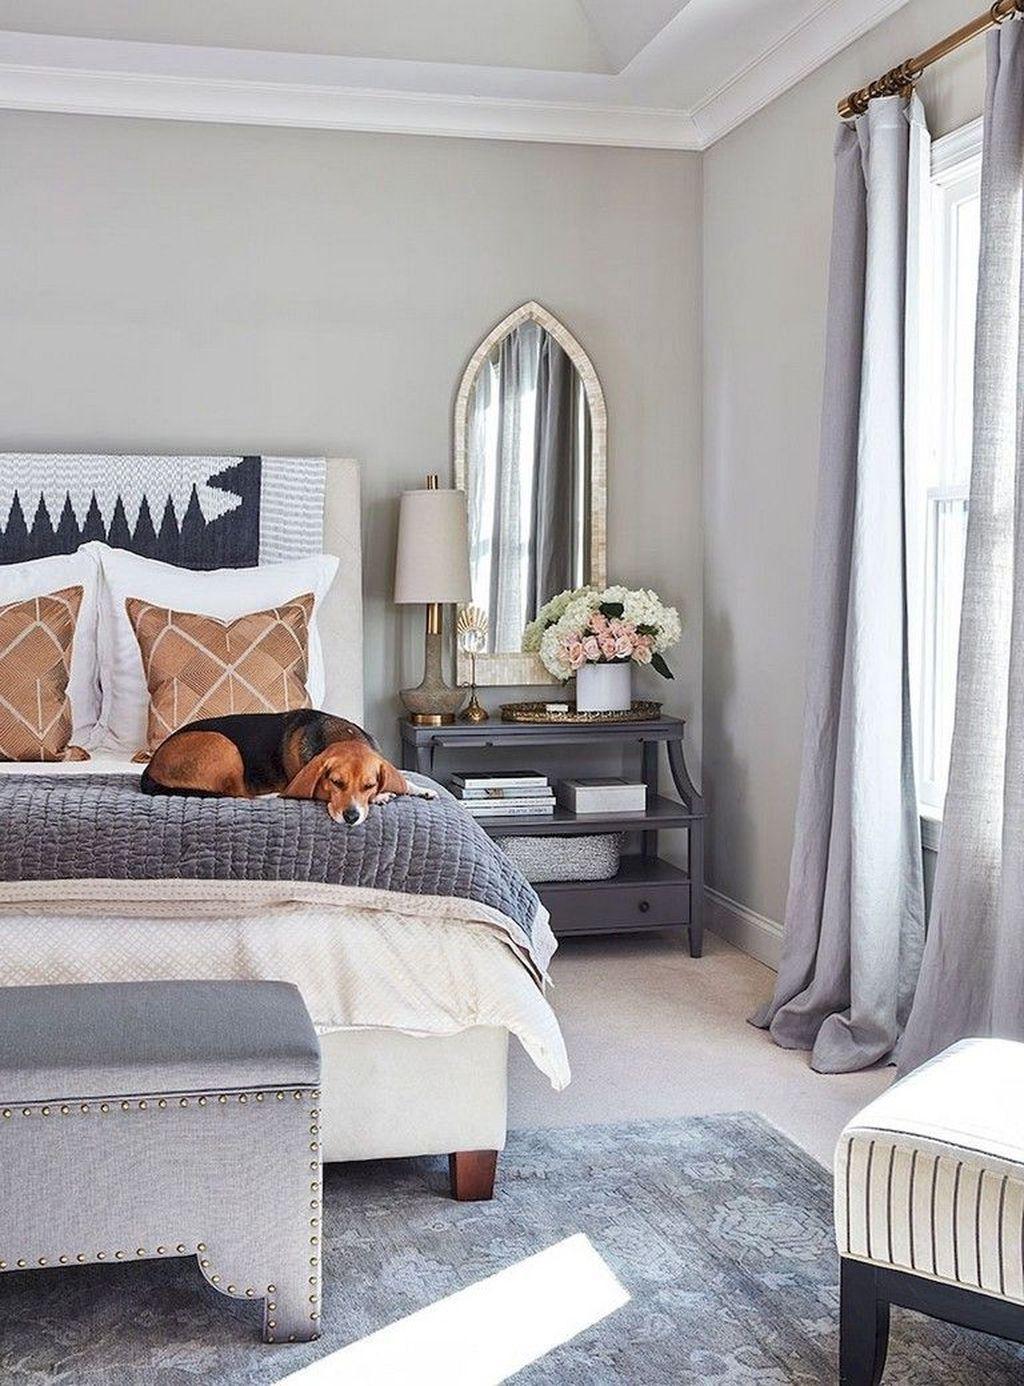 Inspiring Traditional Bedroom Decor Ideas 23